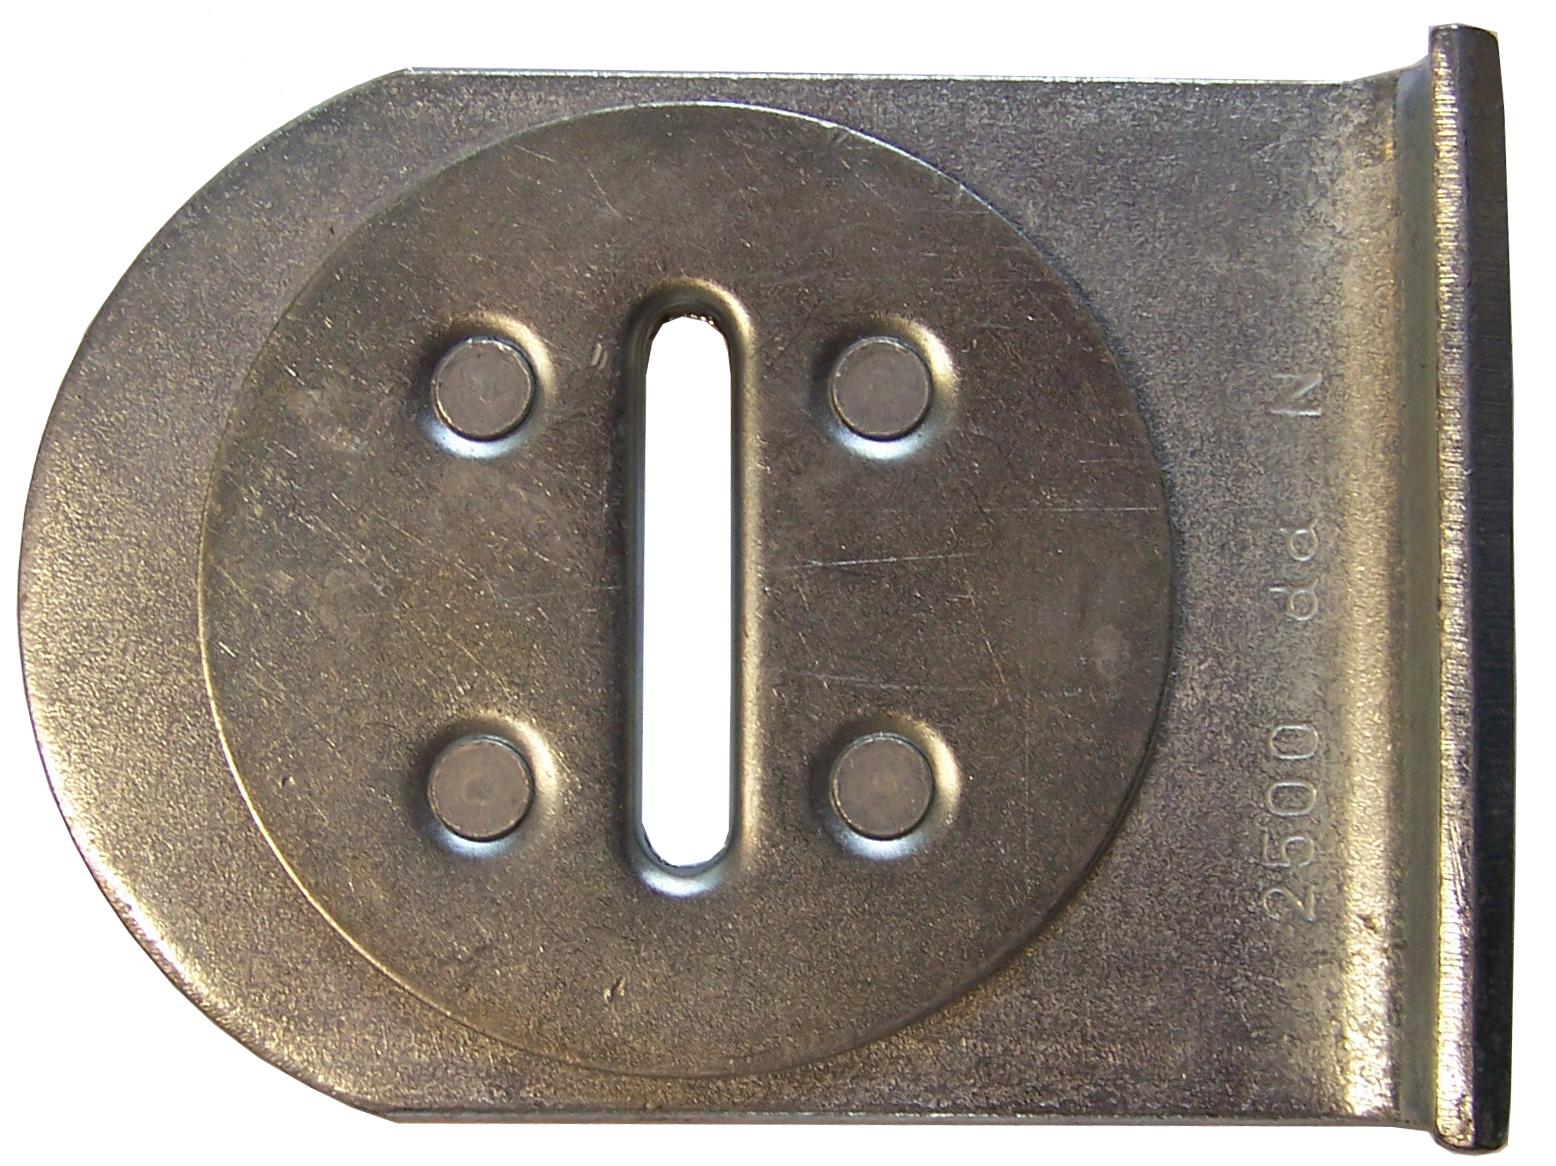 Flachhaken drehbar  50 mm